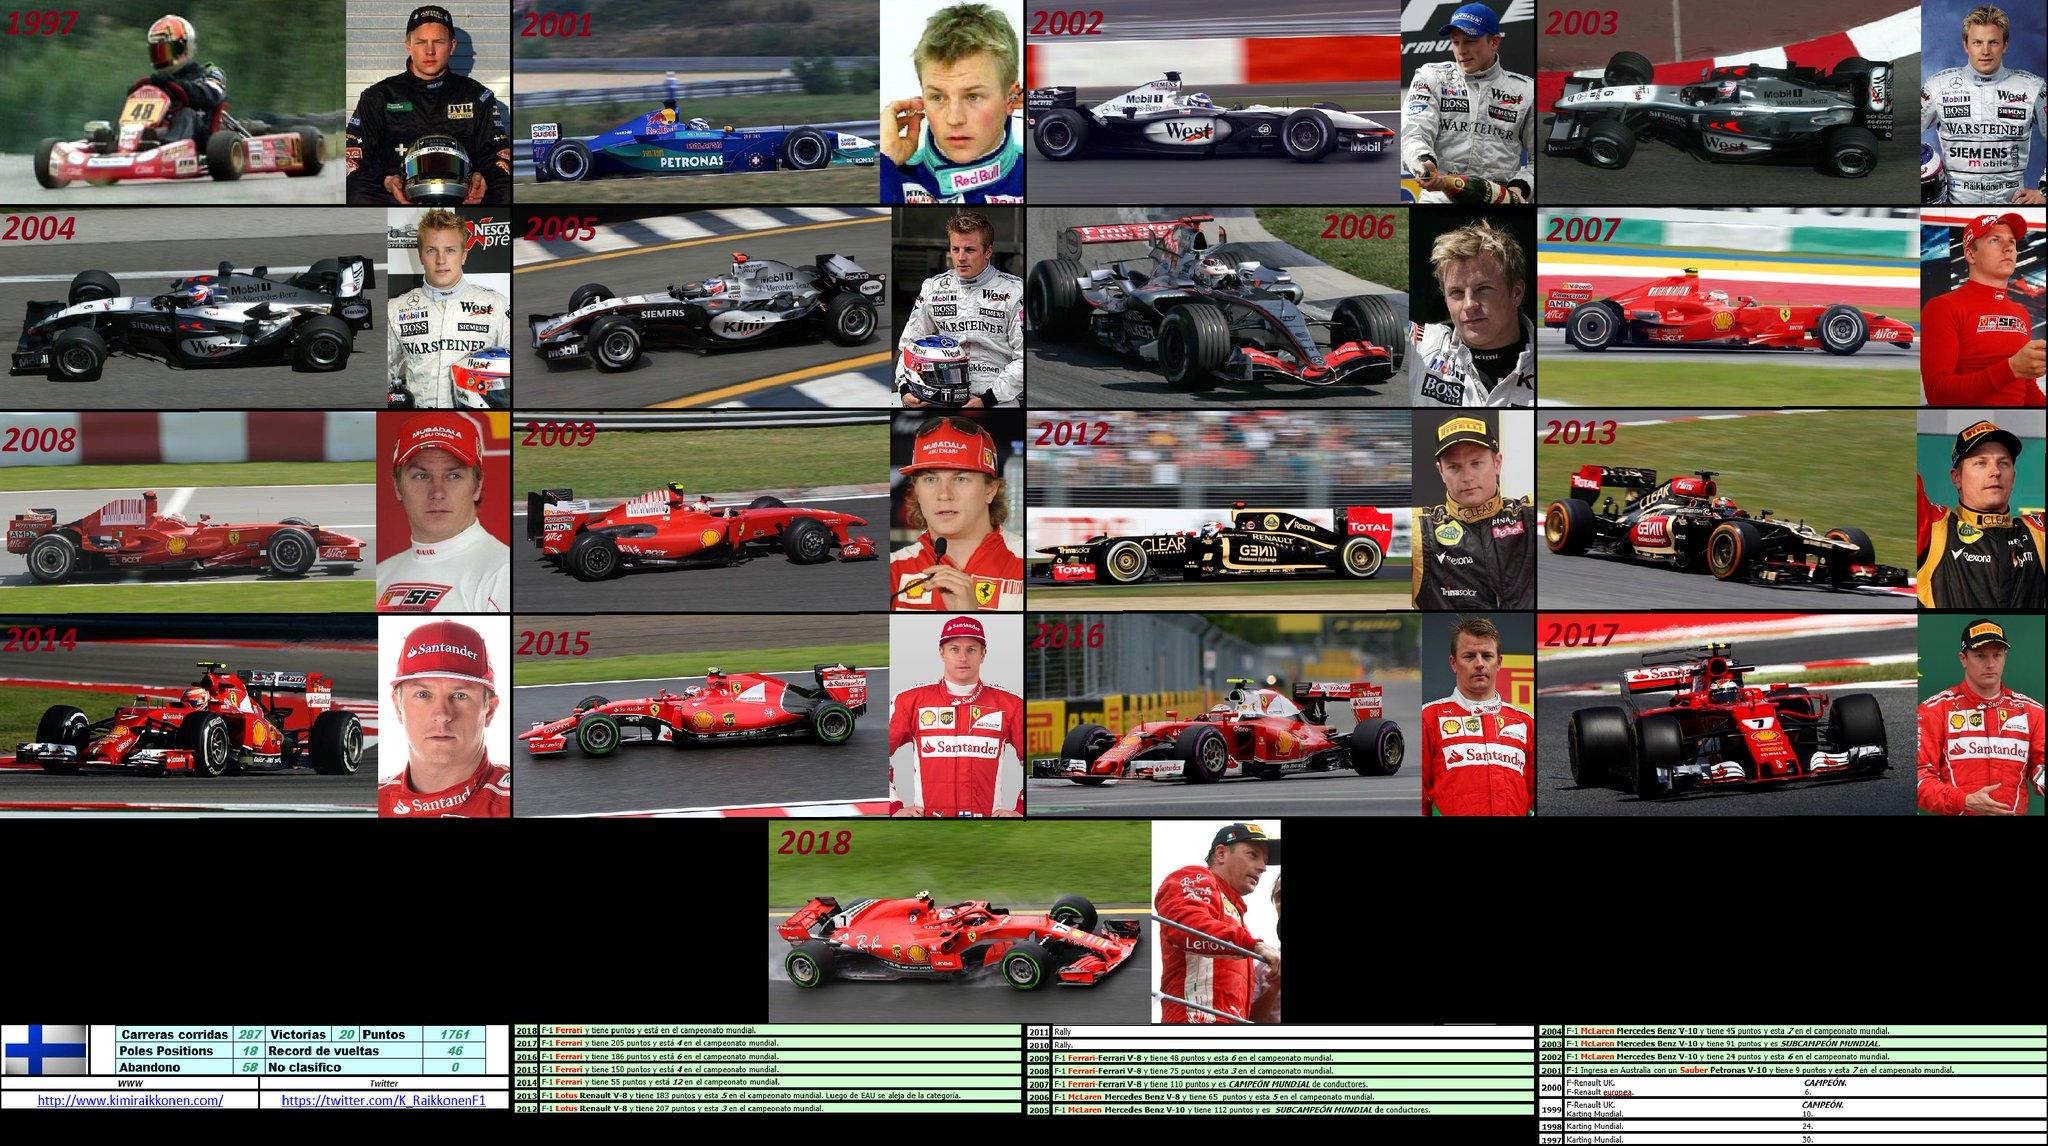 Happy Birthday, Kimi Raikkonen (17-10-1979).